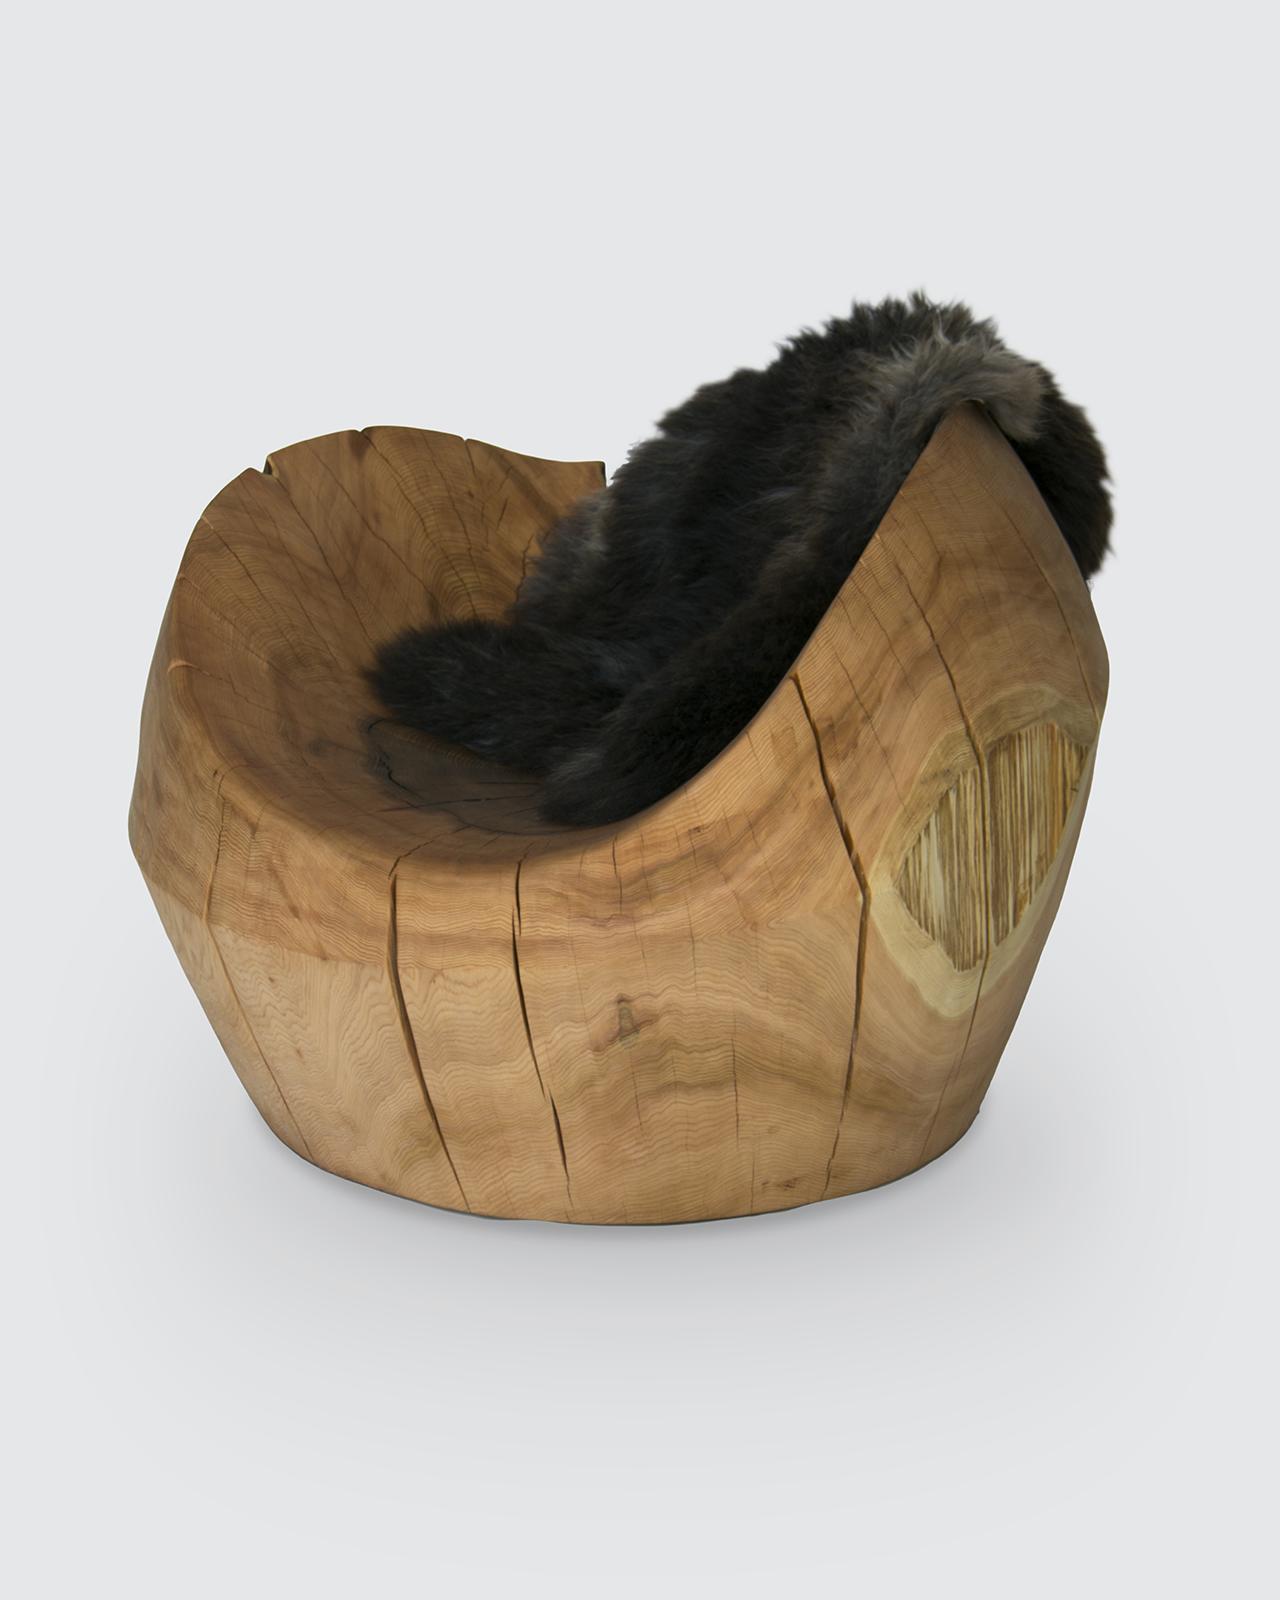 Nest - Cedar Lounger with sheepskin